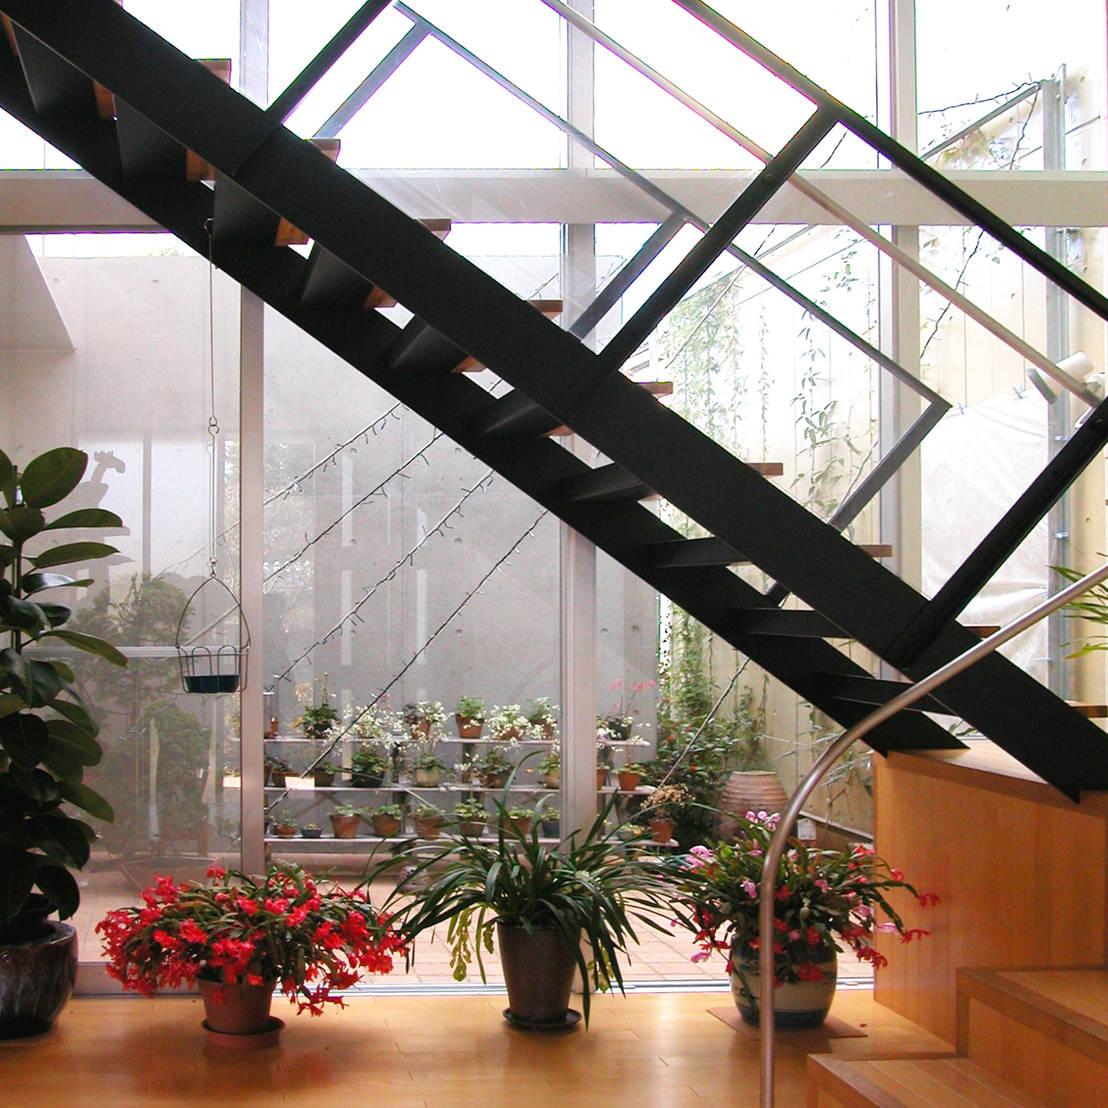 Jardines bajo la escalera 10 ideas extraordinarias for Decoracion de jardines interiores modernos